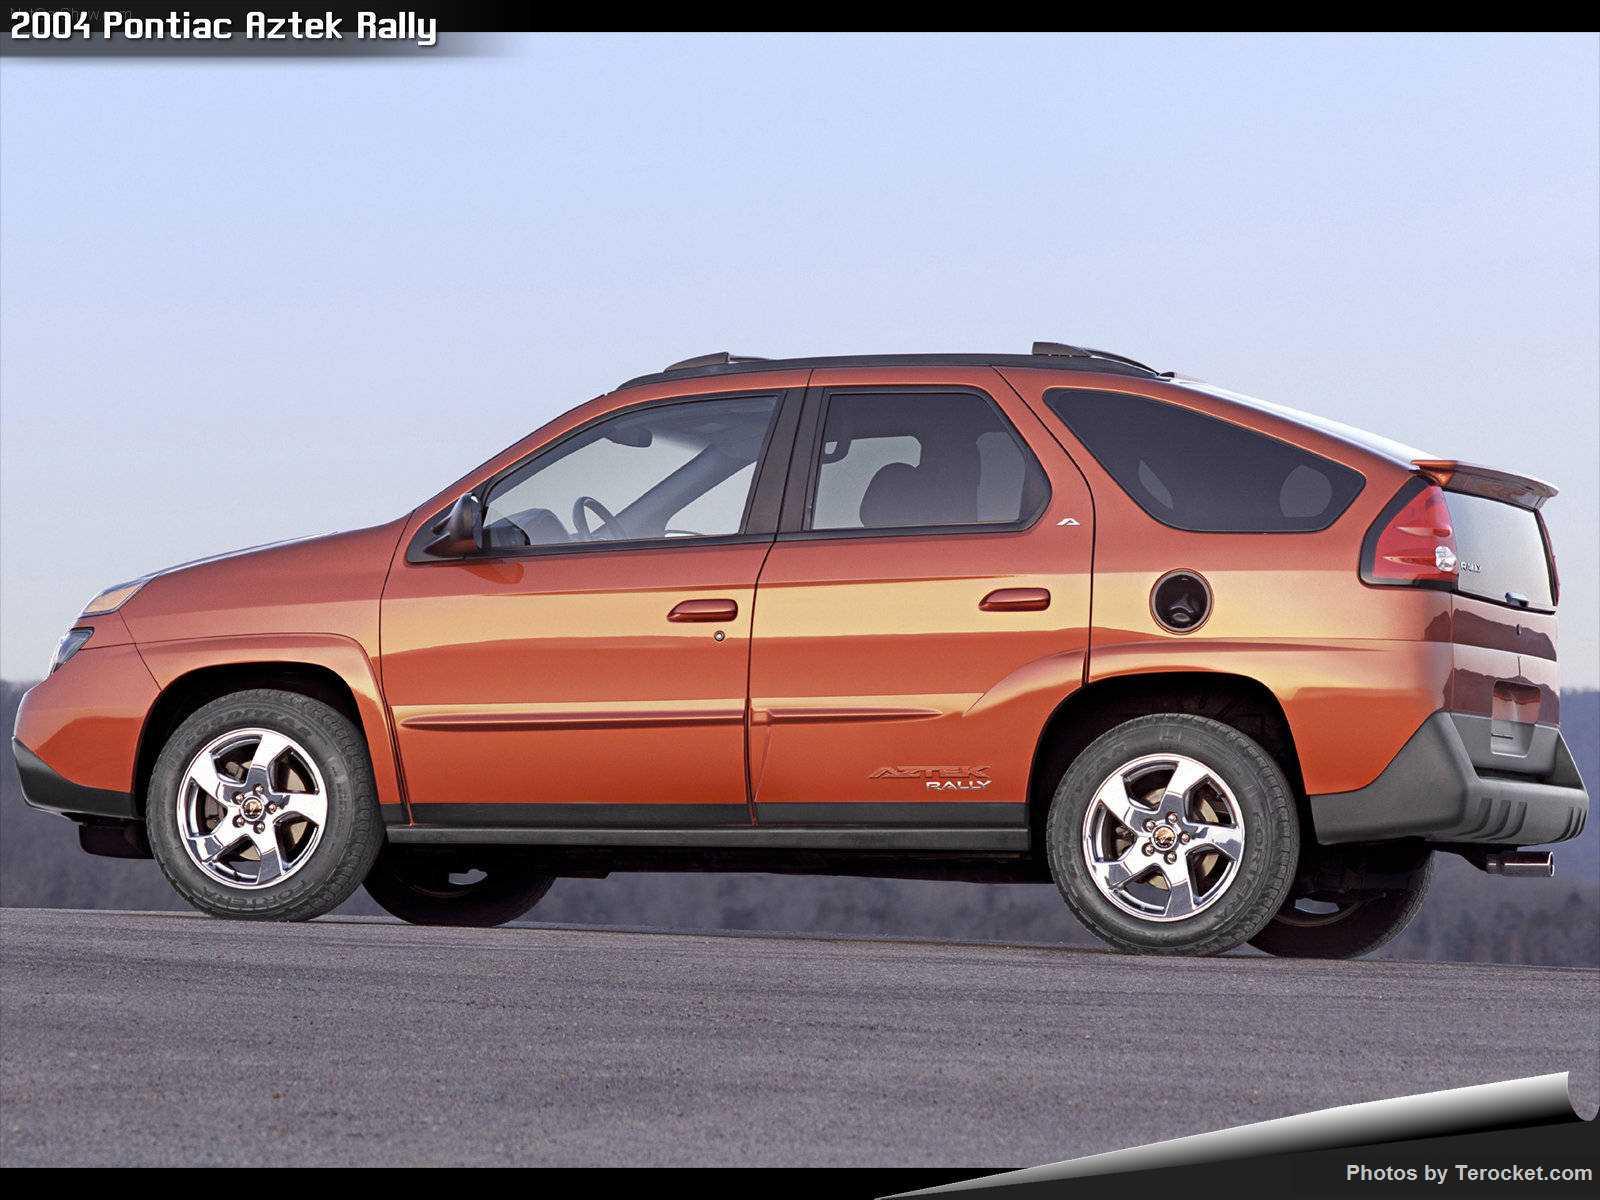 Hình ảnh xe ô tô Pontiac Aztek Rally 2004 & nội ngoại thất